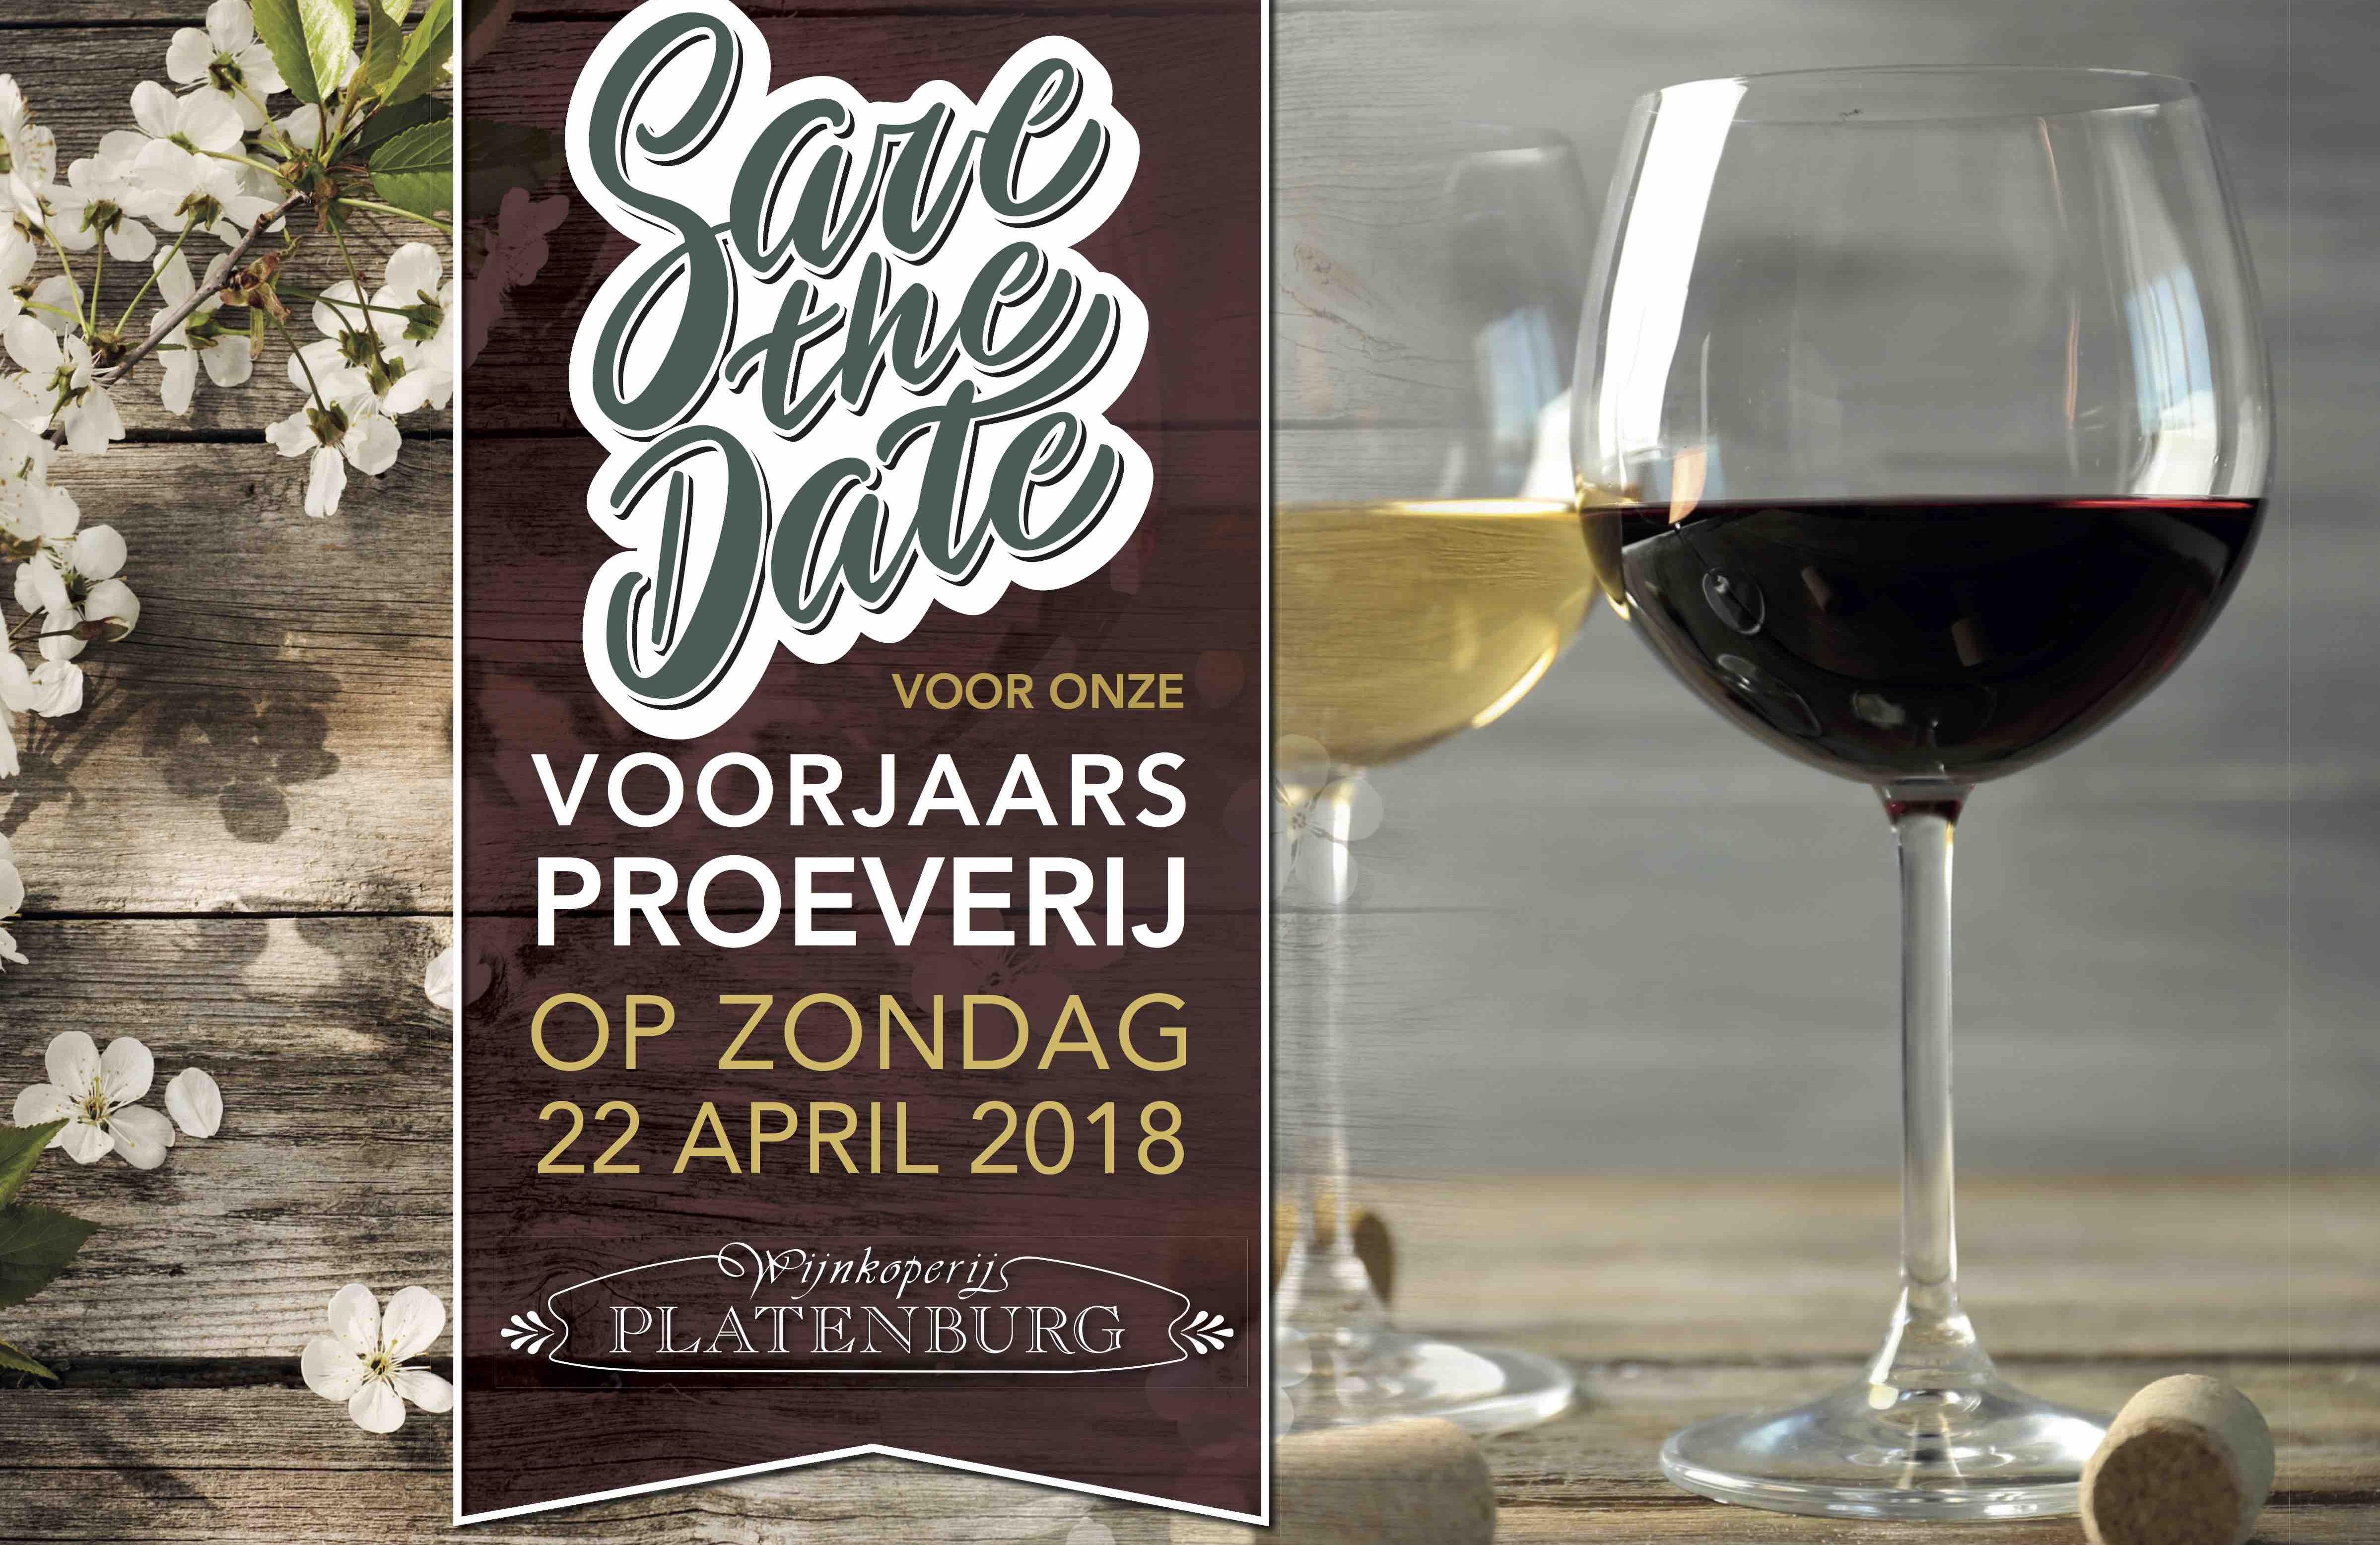 Save the Date wijnproeverij